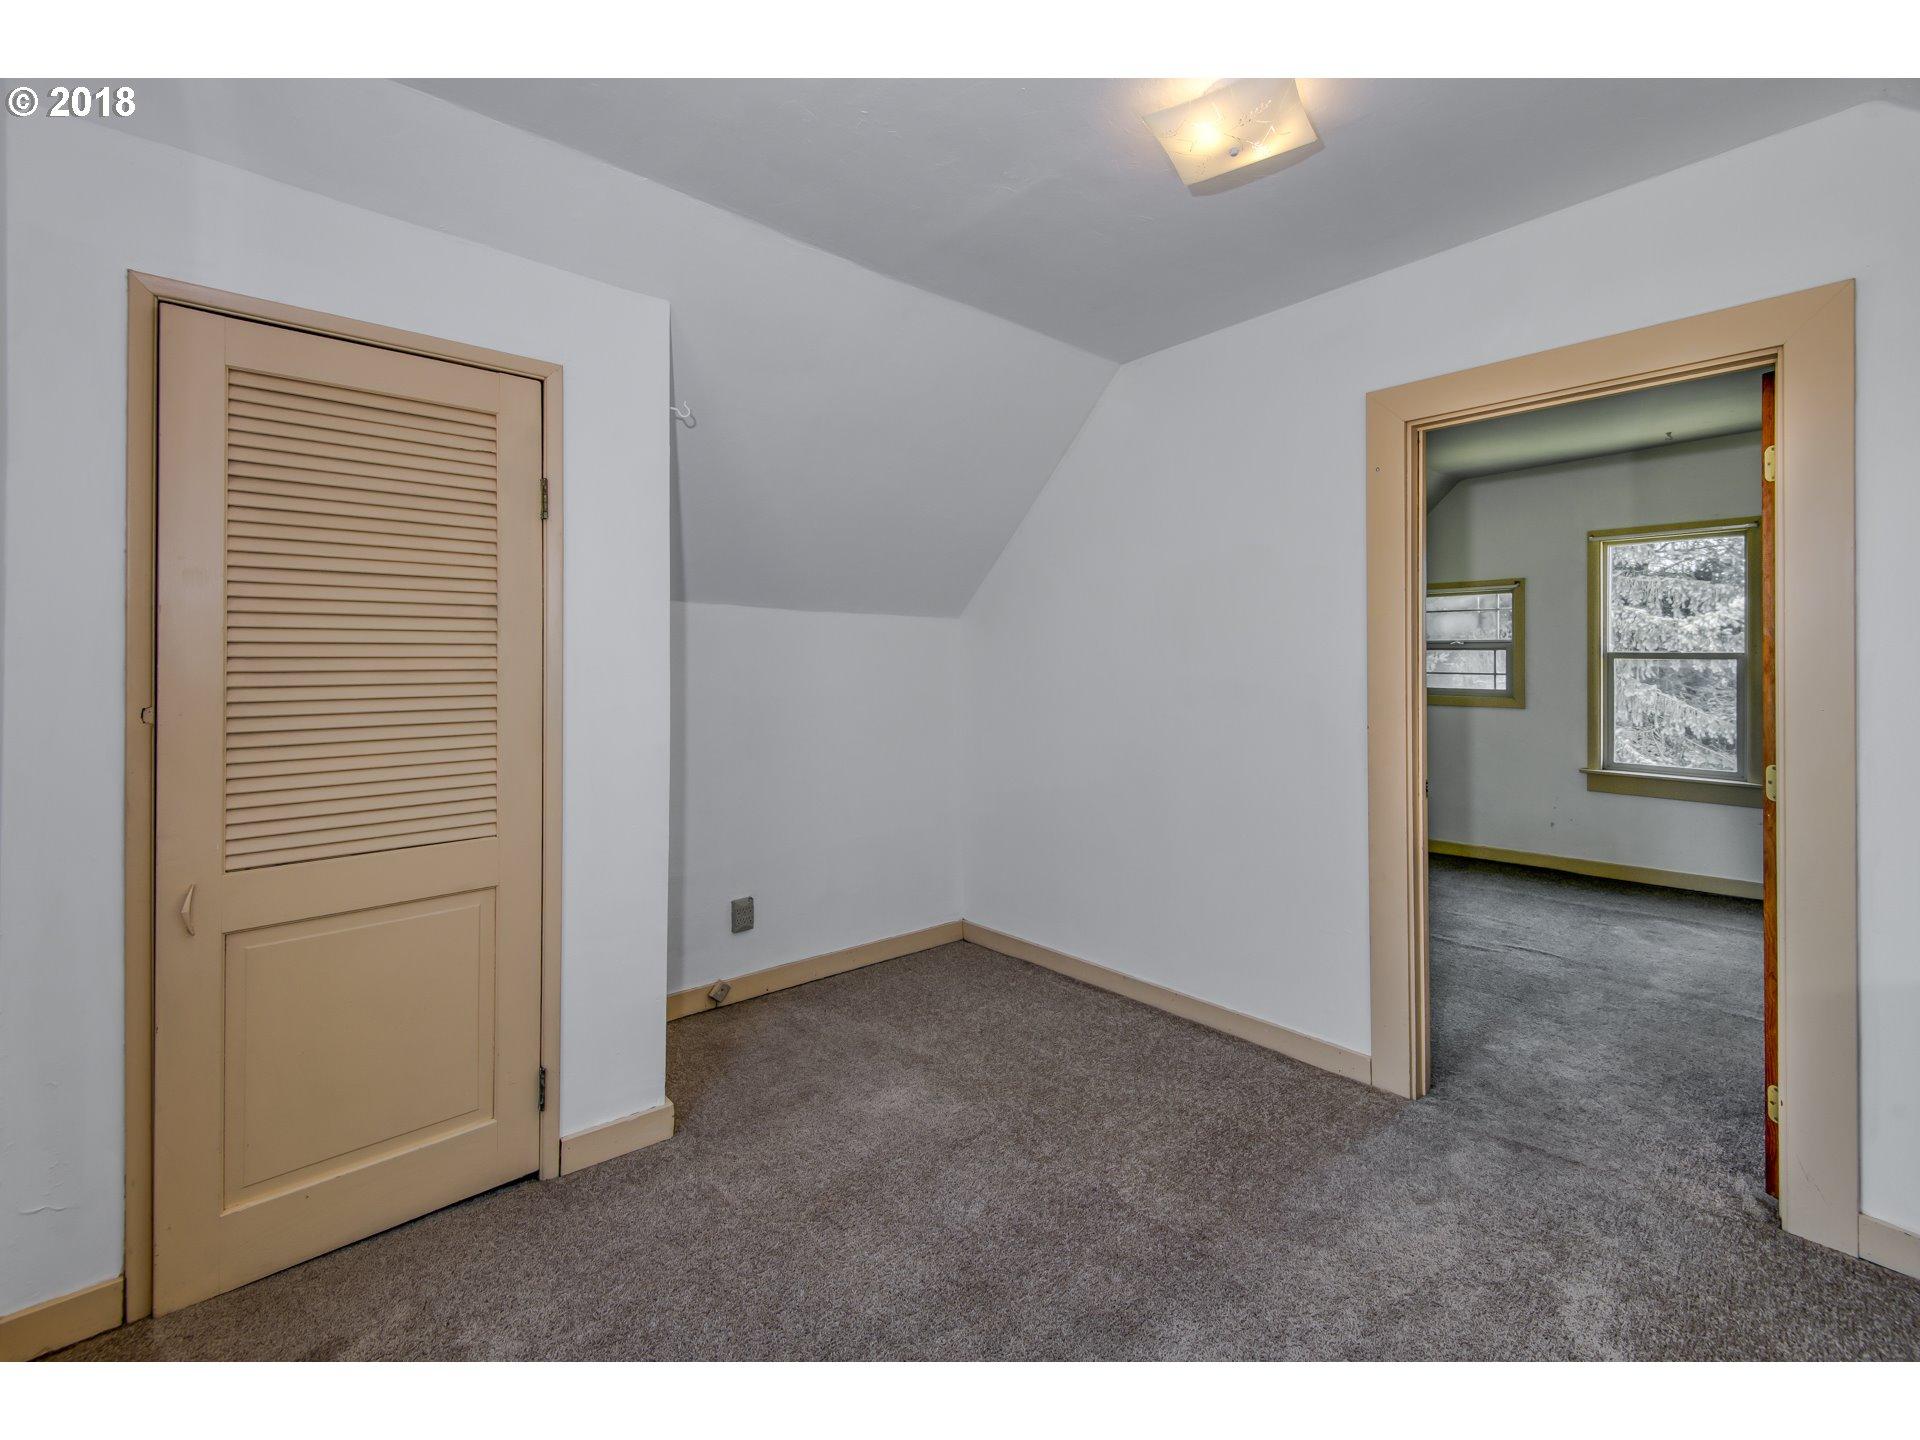 171 N 1ST ST Carlton, OR 97111 - MLS #: 18599920